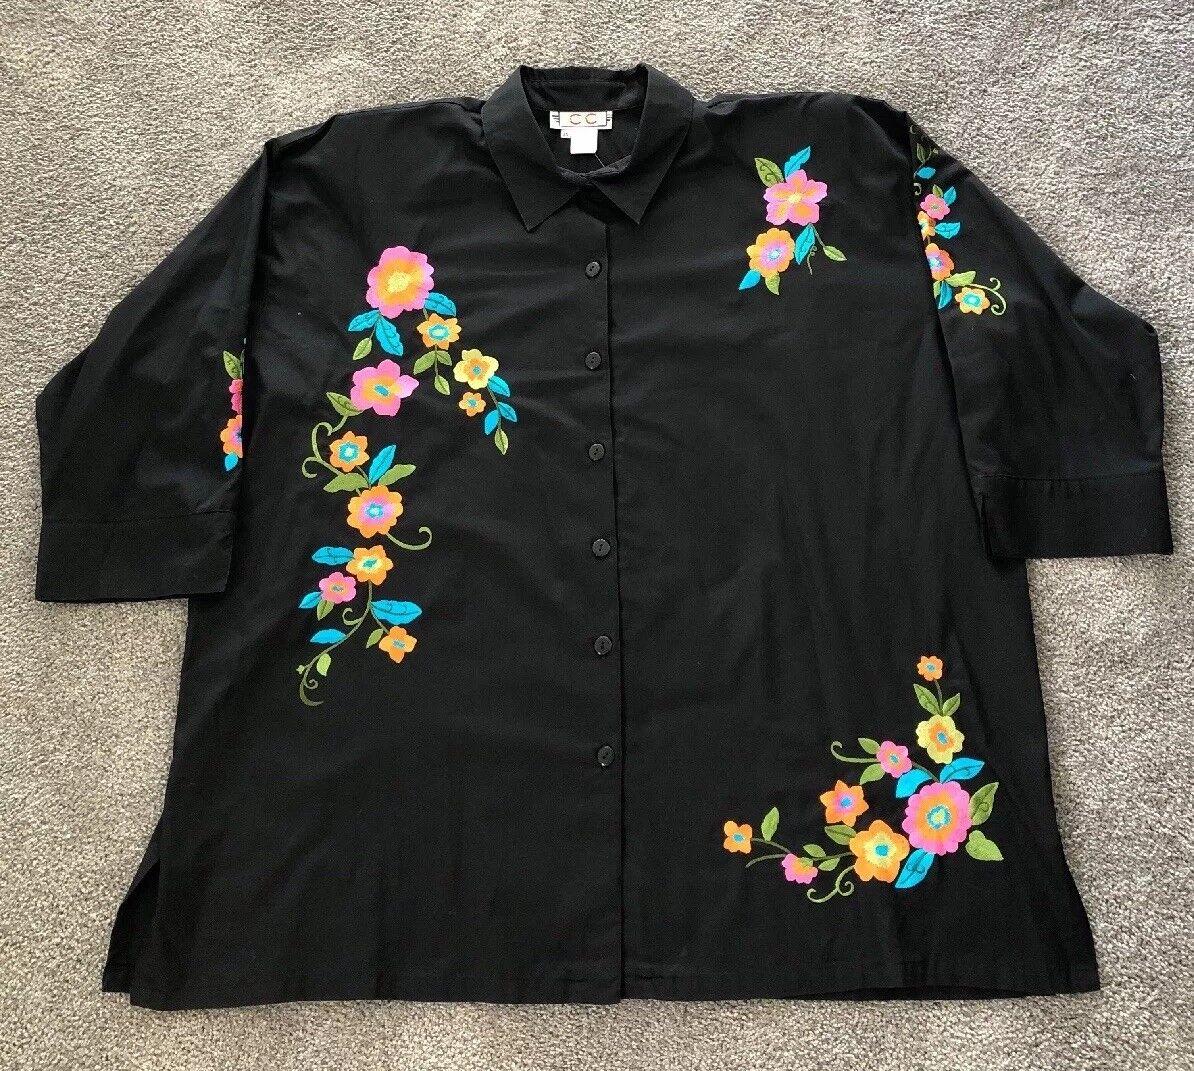 CC Sportswear Sz 1X. 3 4 Sleeve schwarz W  Embroiderot Flowers Blouse. NWT. CC538